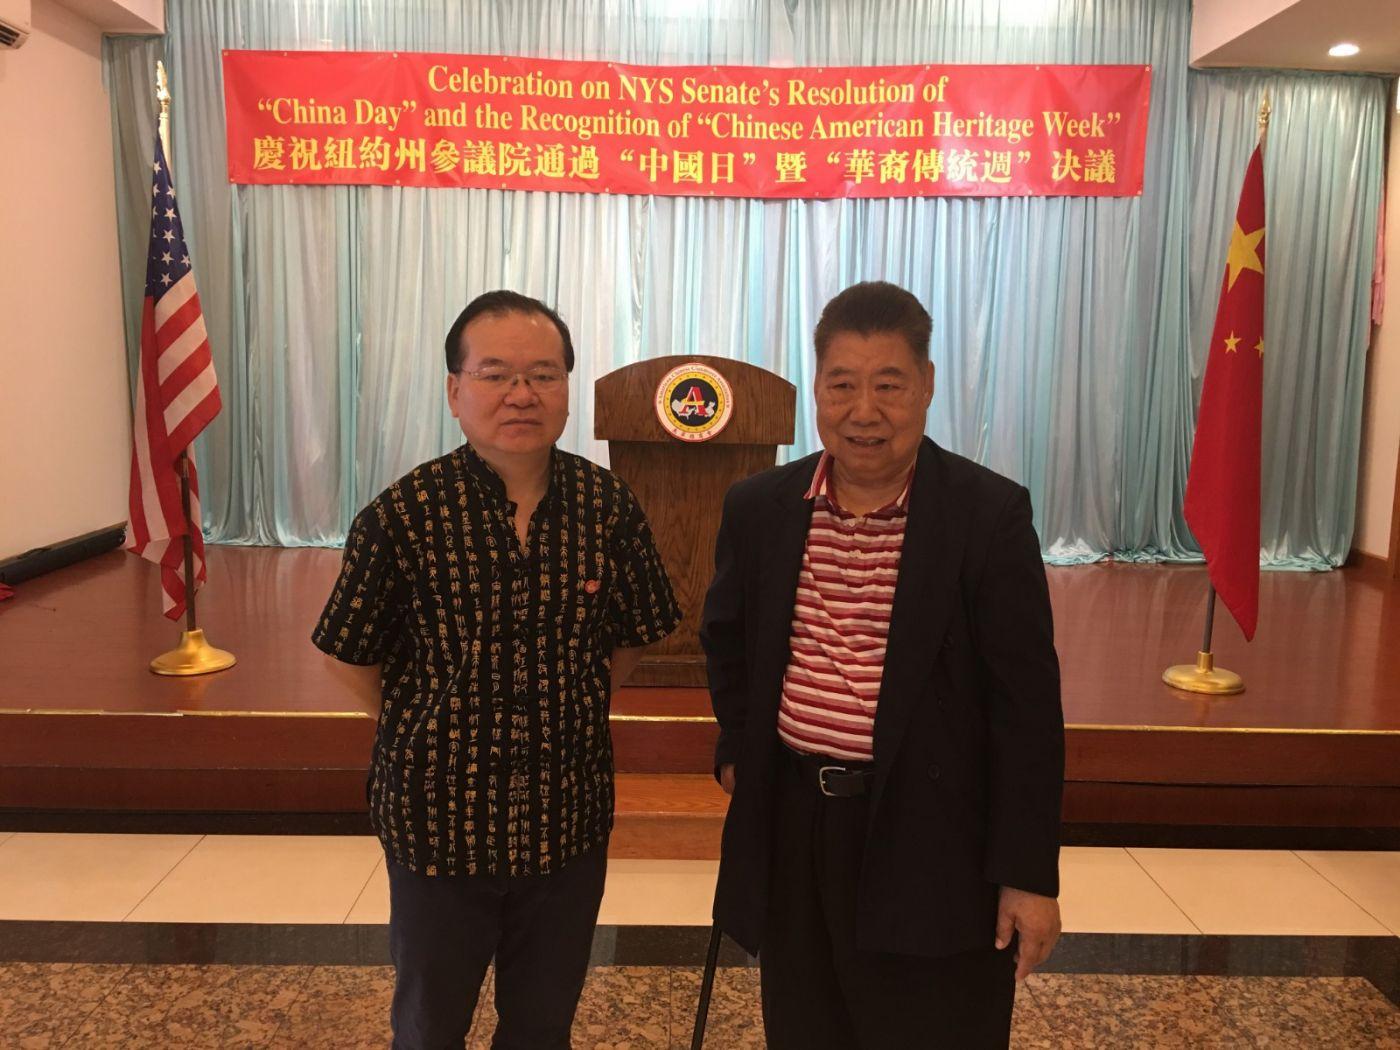 紐約州參議院通過「中國日」決議案慶祝会在紐約舉行_图1-6